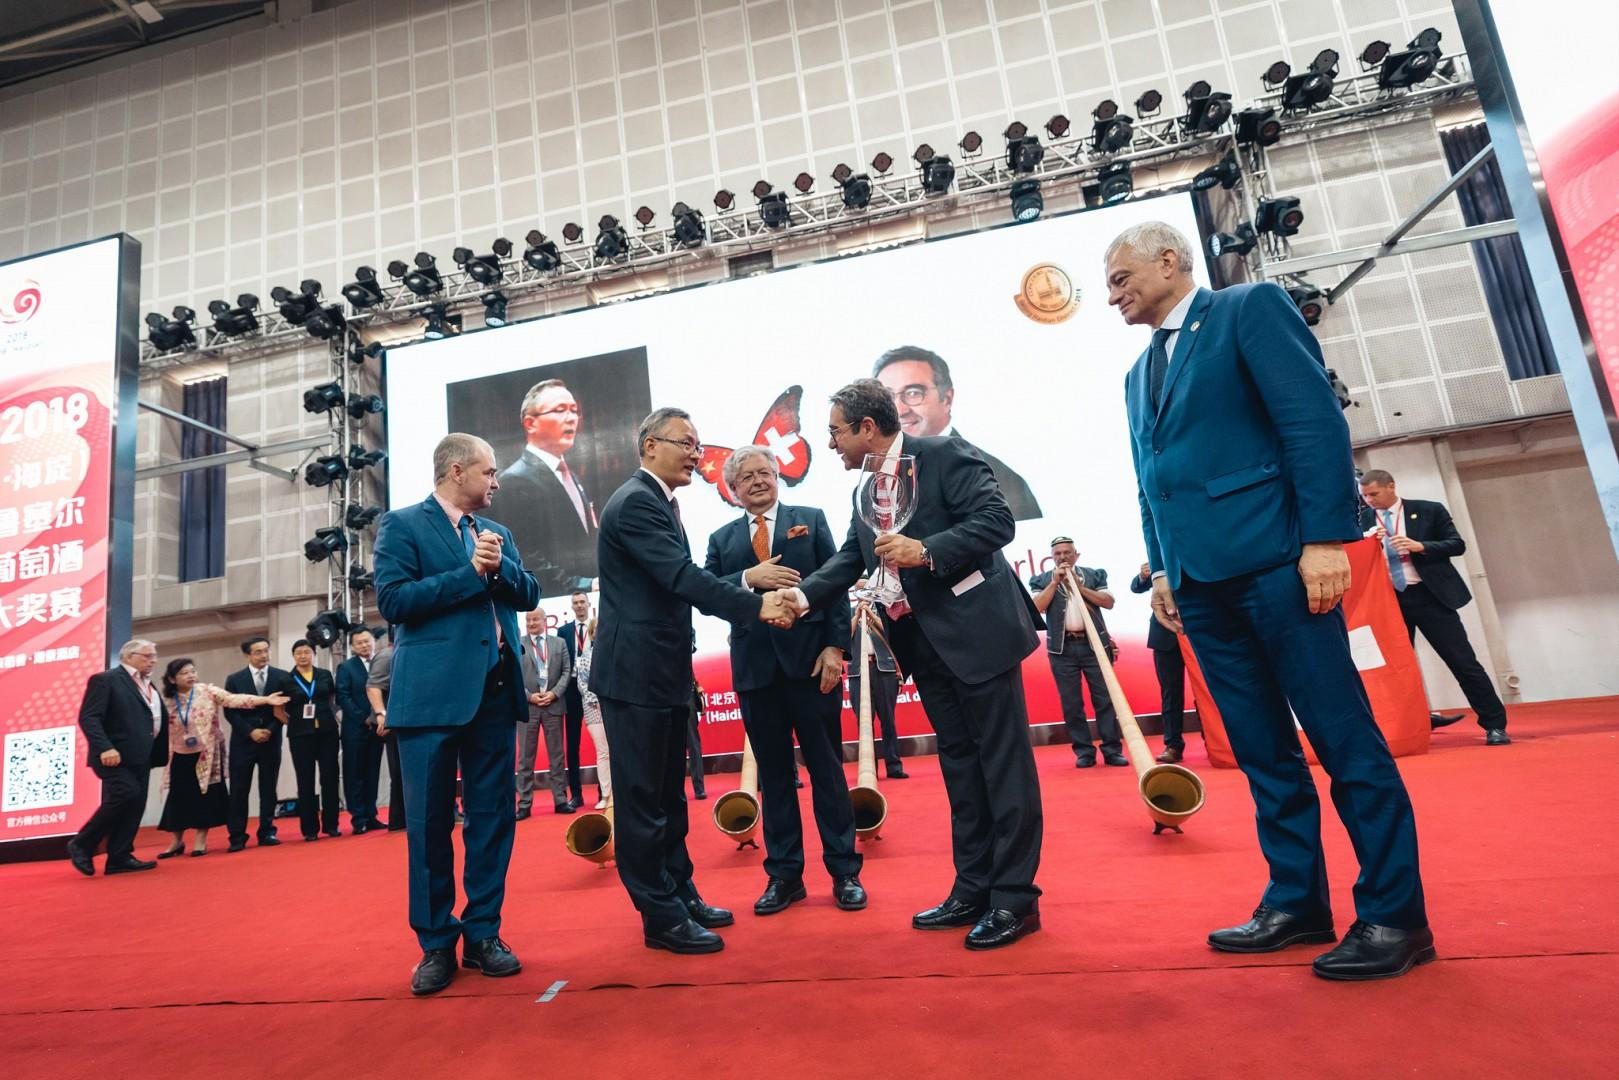 Mondial Bruxelles Concours De Mondial Bruxelles Bruxelles Mondial De Bruxelles Mondial Concours Concours De Concours De ATR7vq